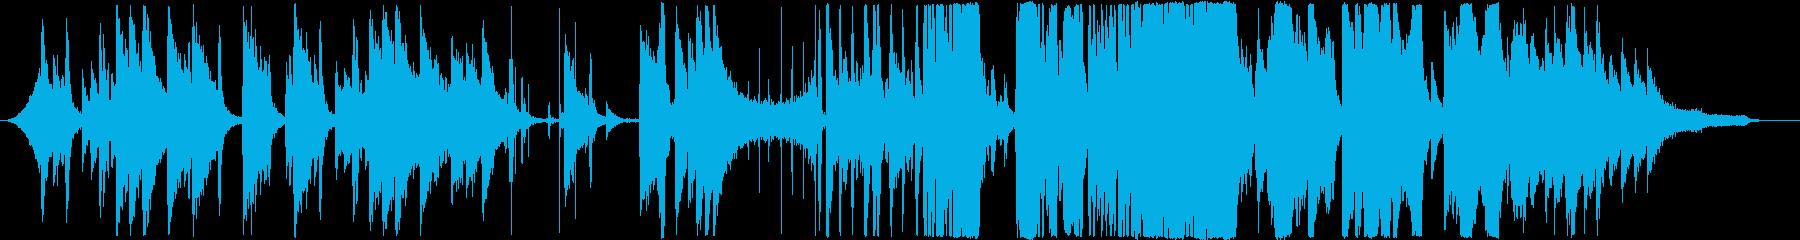 ホラー/ノスタルジック/ピアノ/バイオリの再生済みの波形